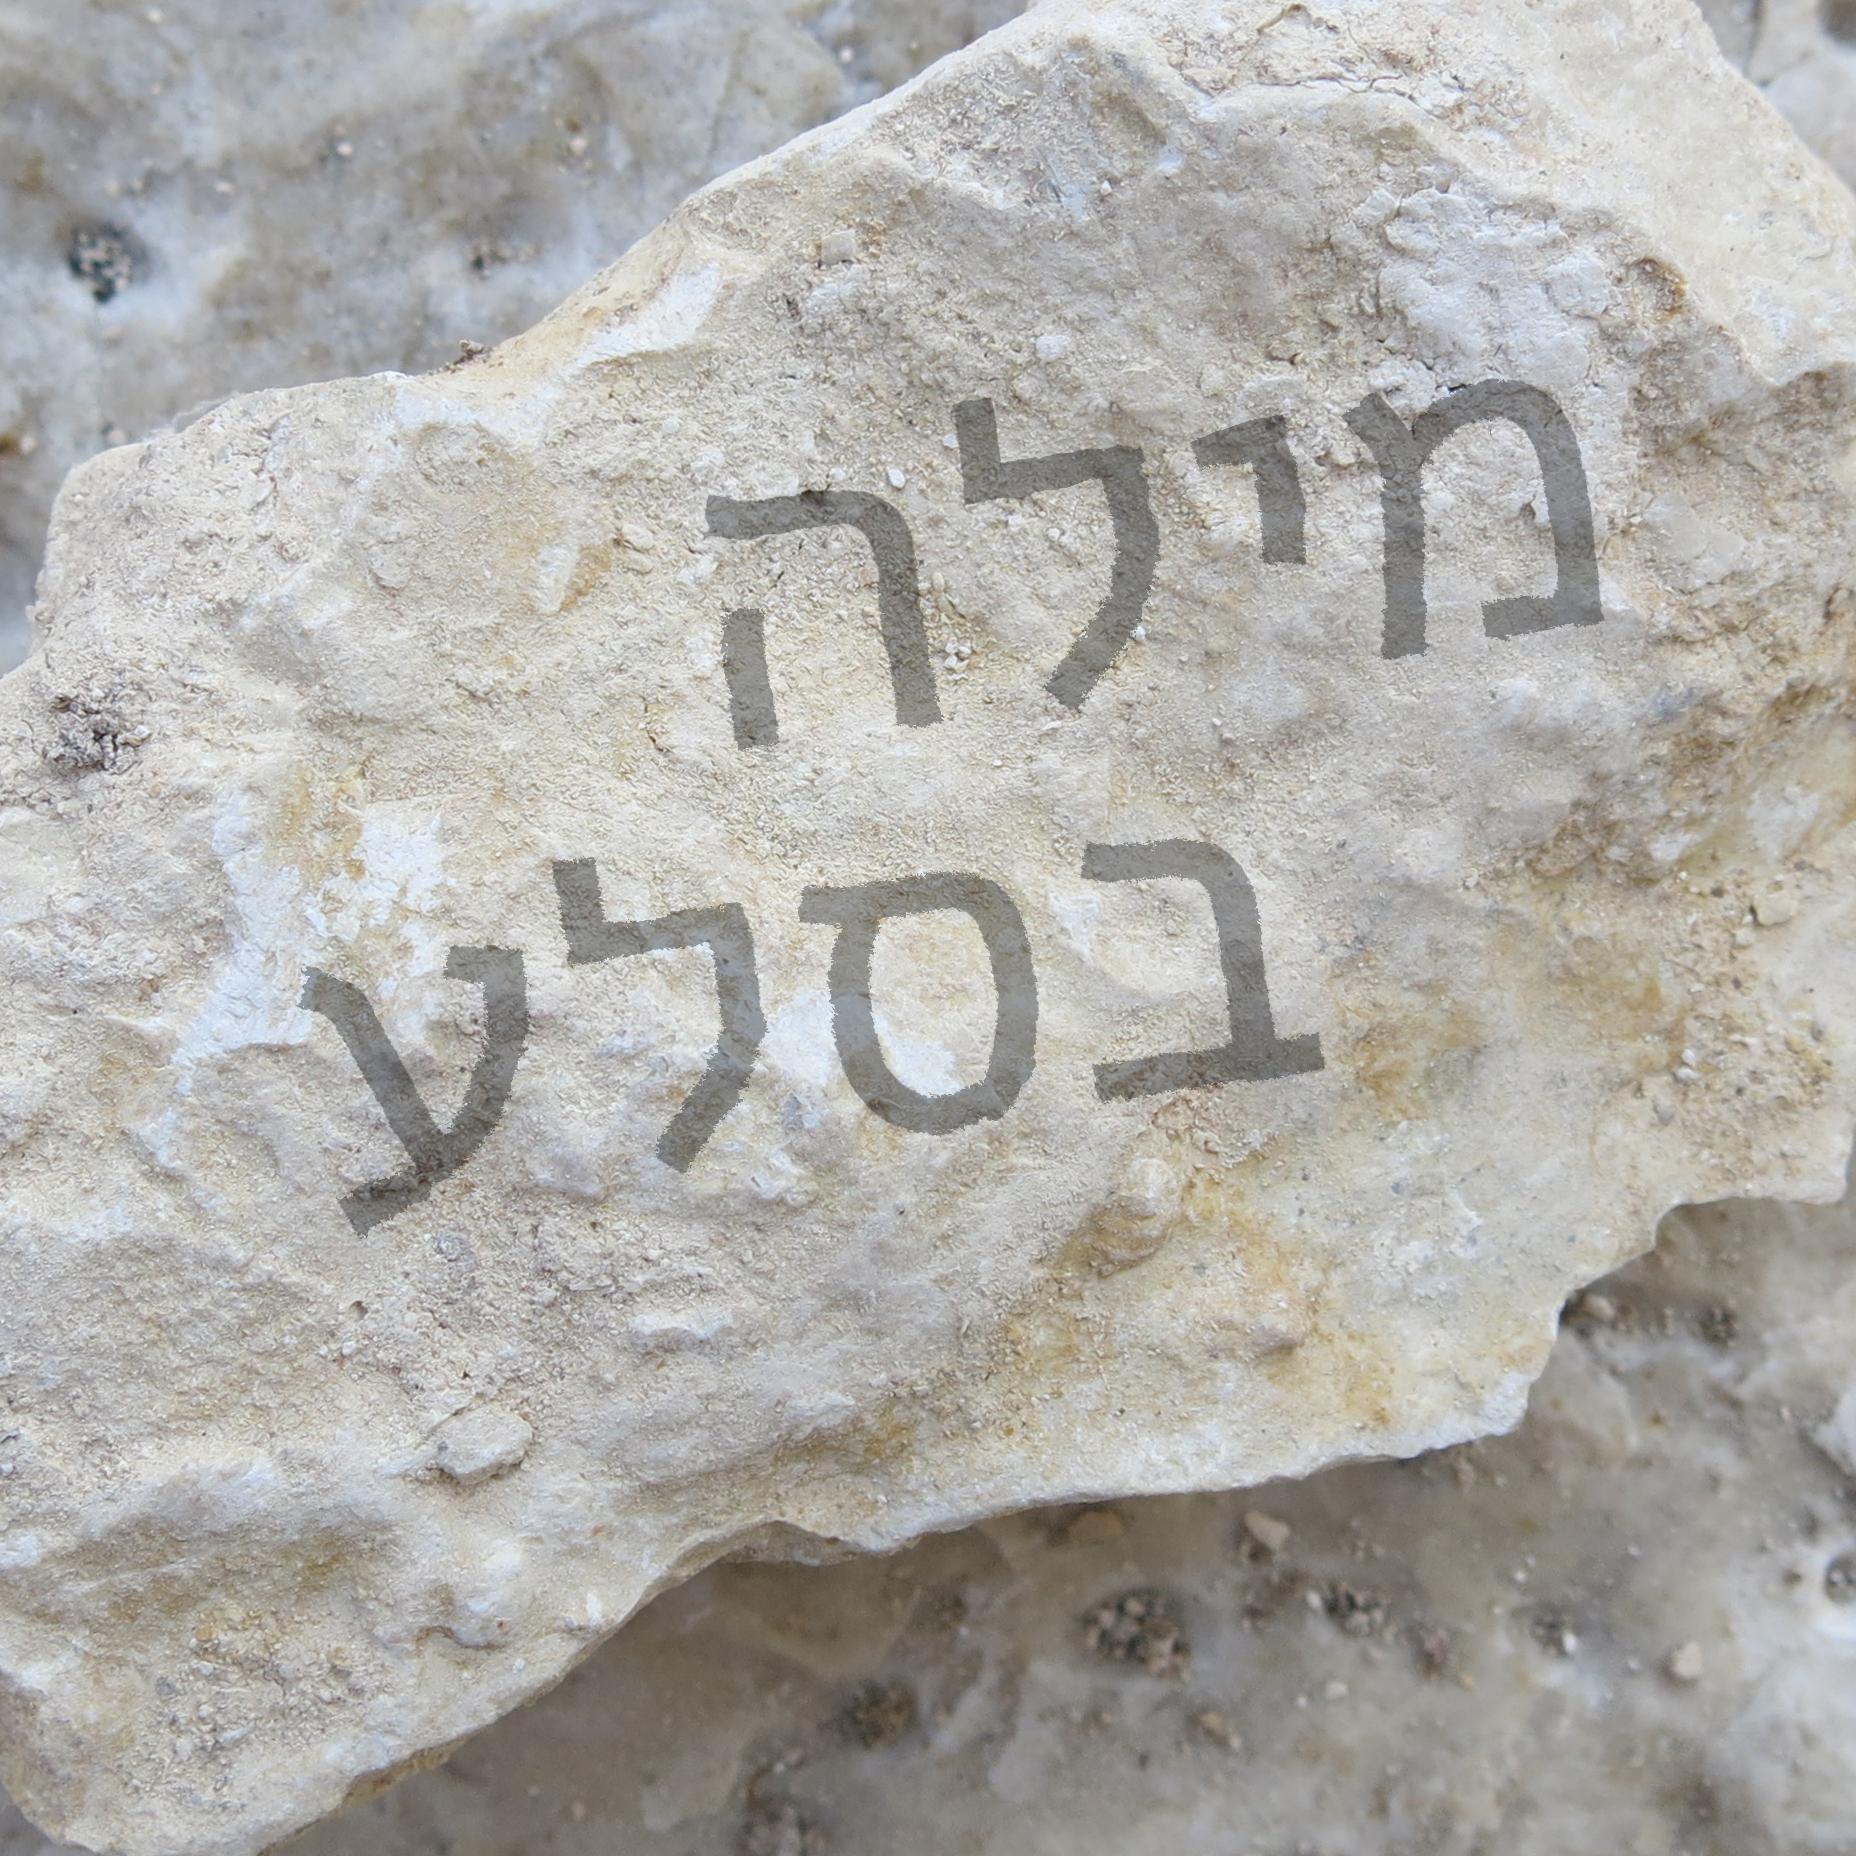 צילום של סלע ועליו הכיתוב: מילה בסלע